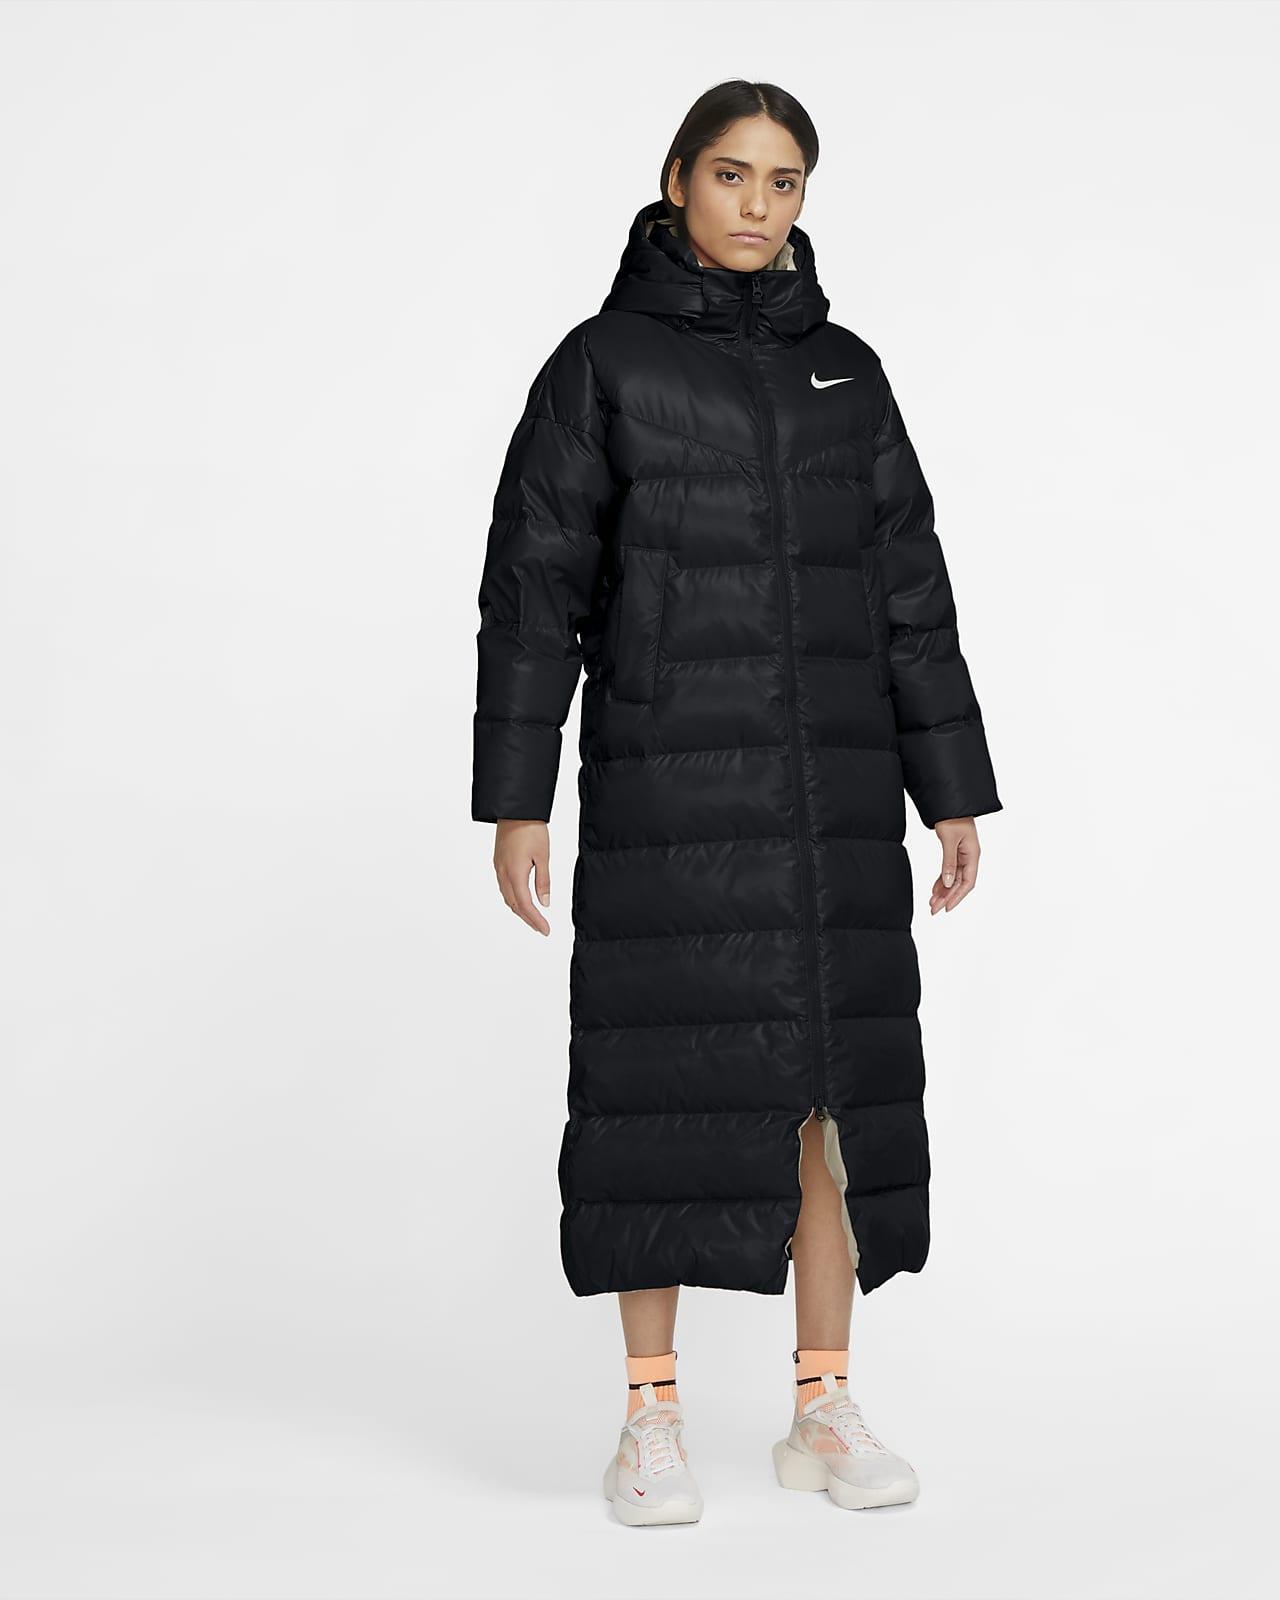 Γυναικείο παρκά με γέμισμα από πούπουλα Nike Sportswear